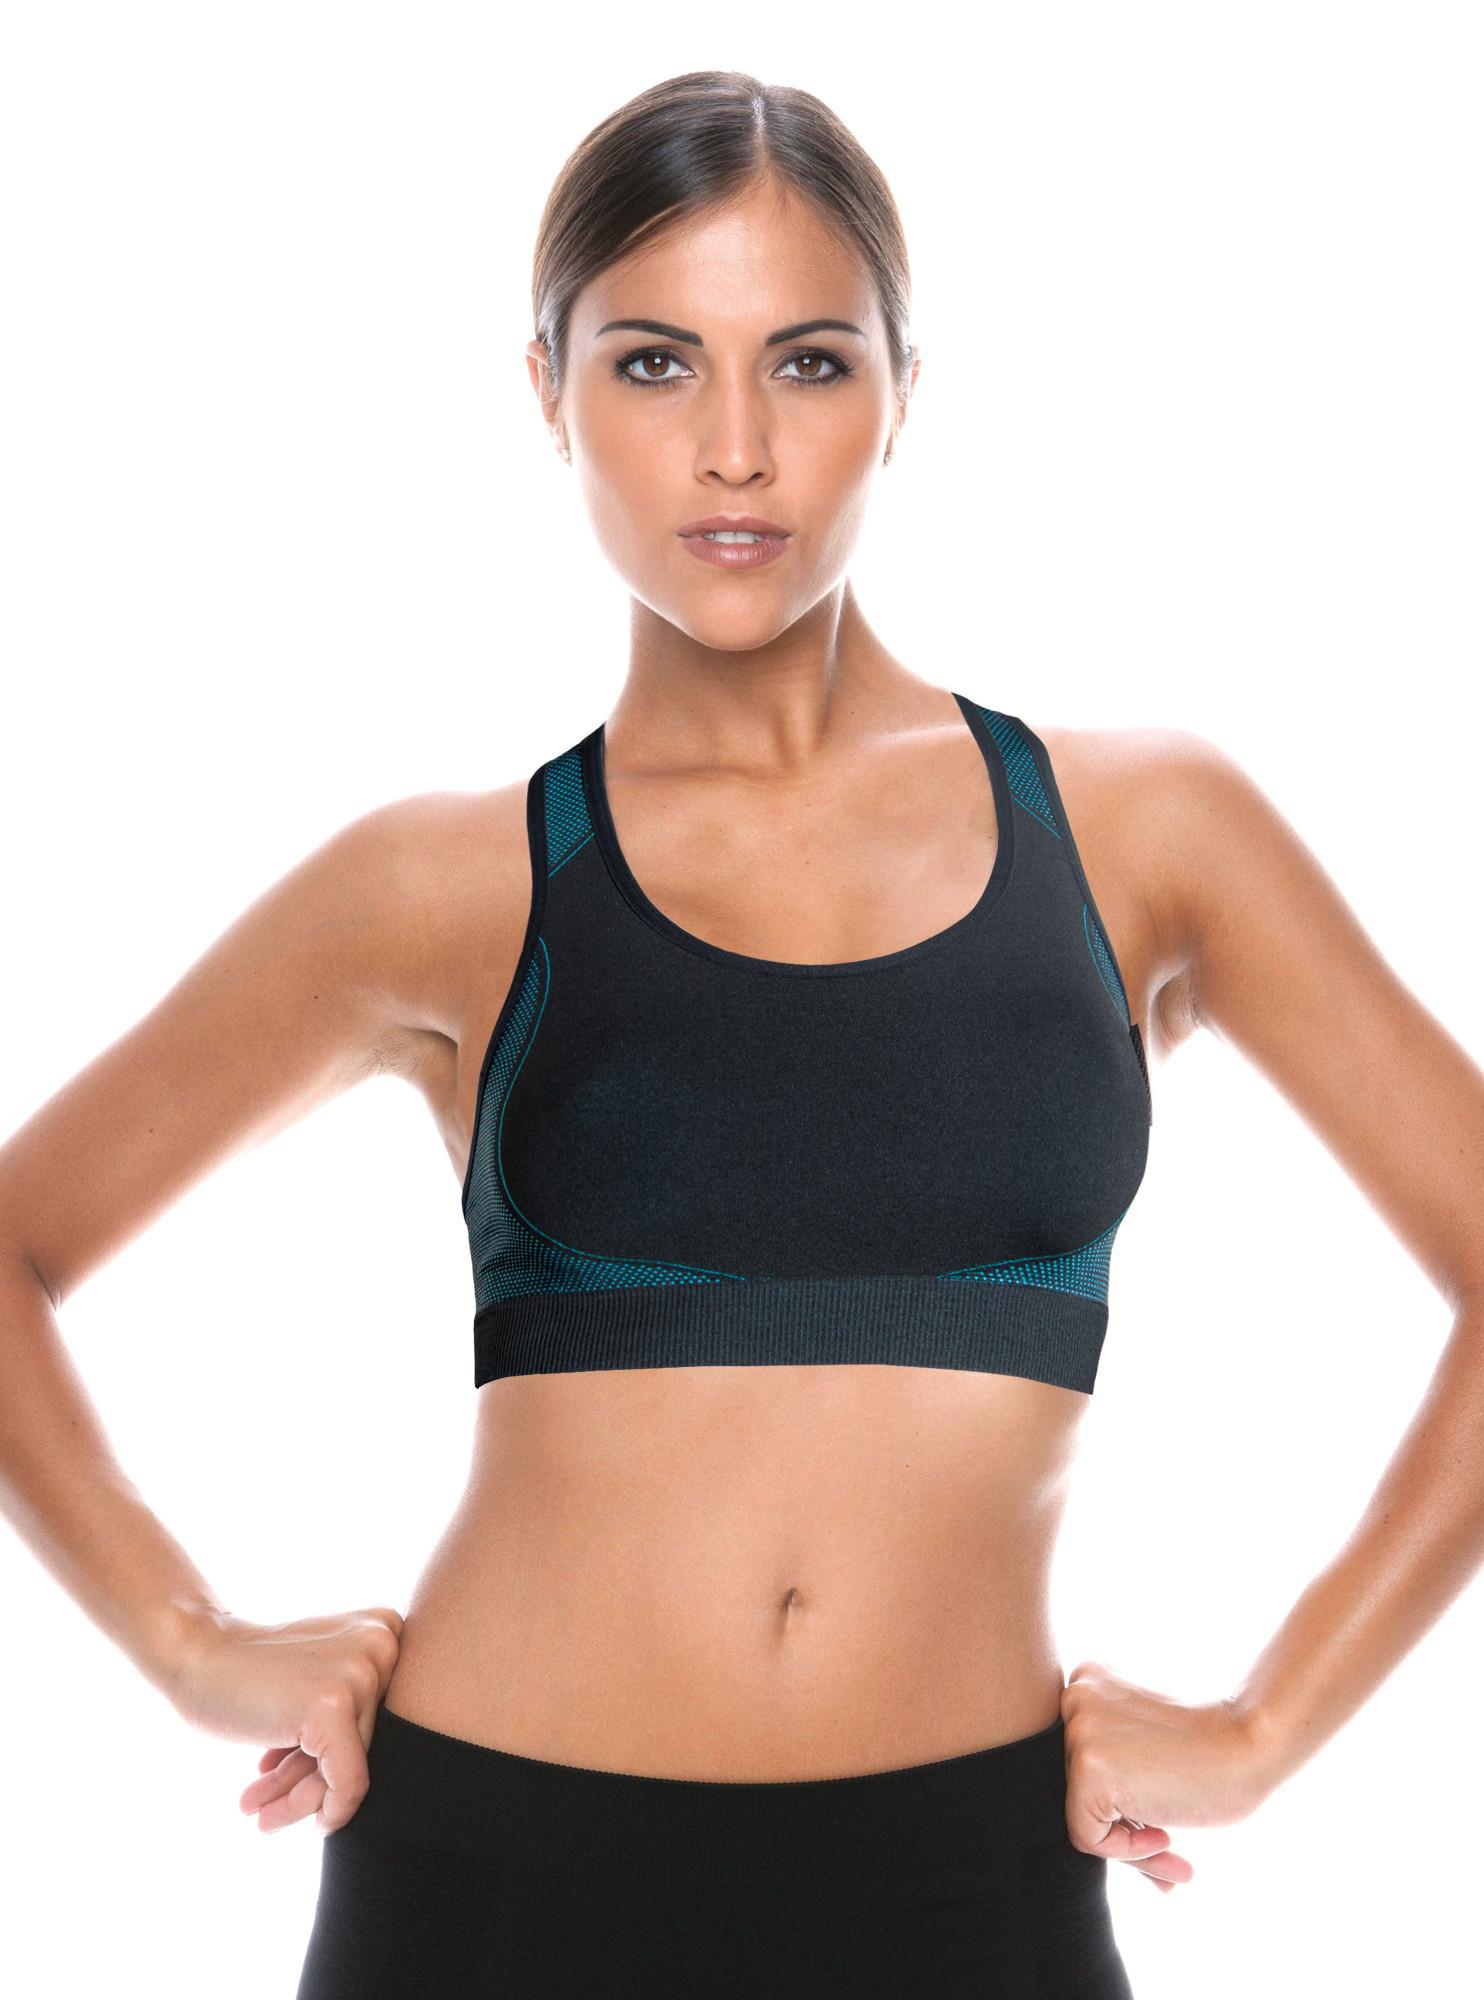 Active-Fit Dámsky športový top SPORT BRA ACTIVE.FIT Farba: Čierna, Veľkosť: M / L